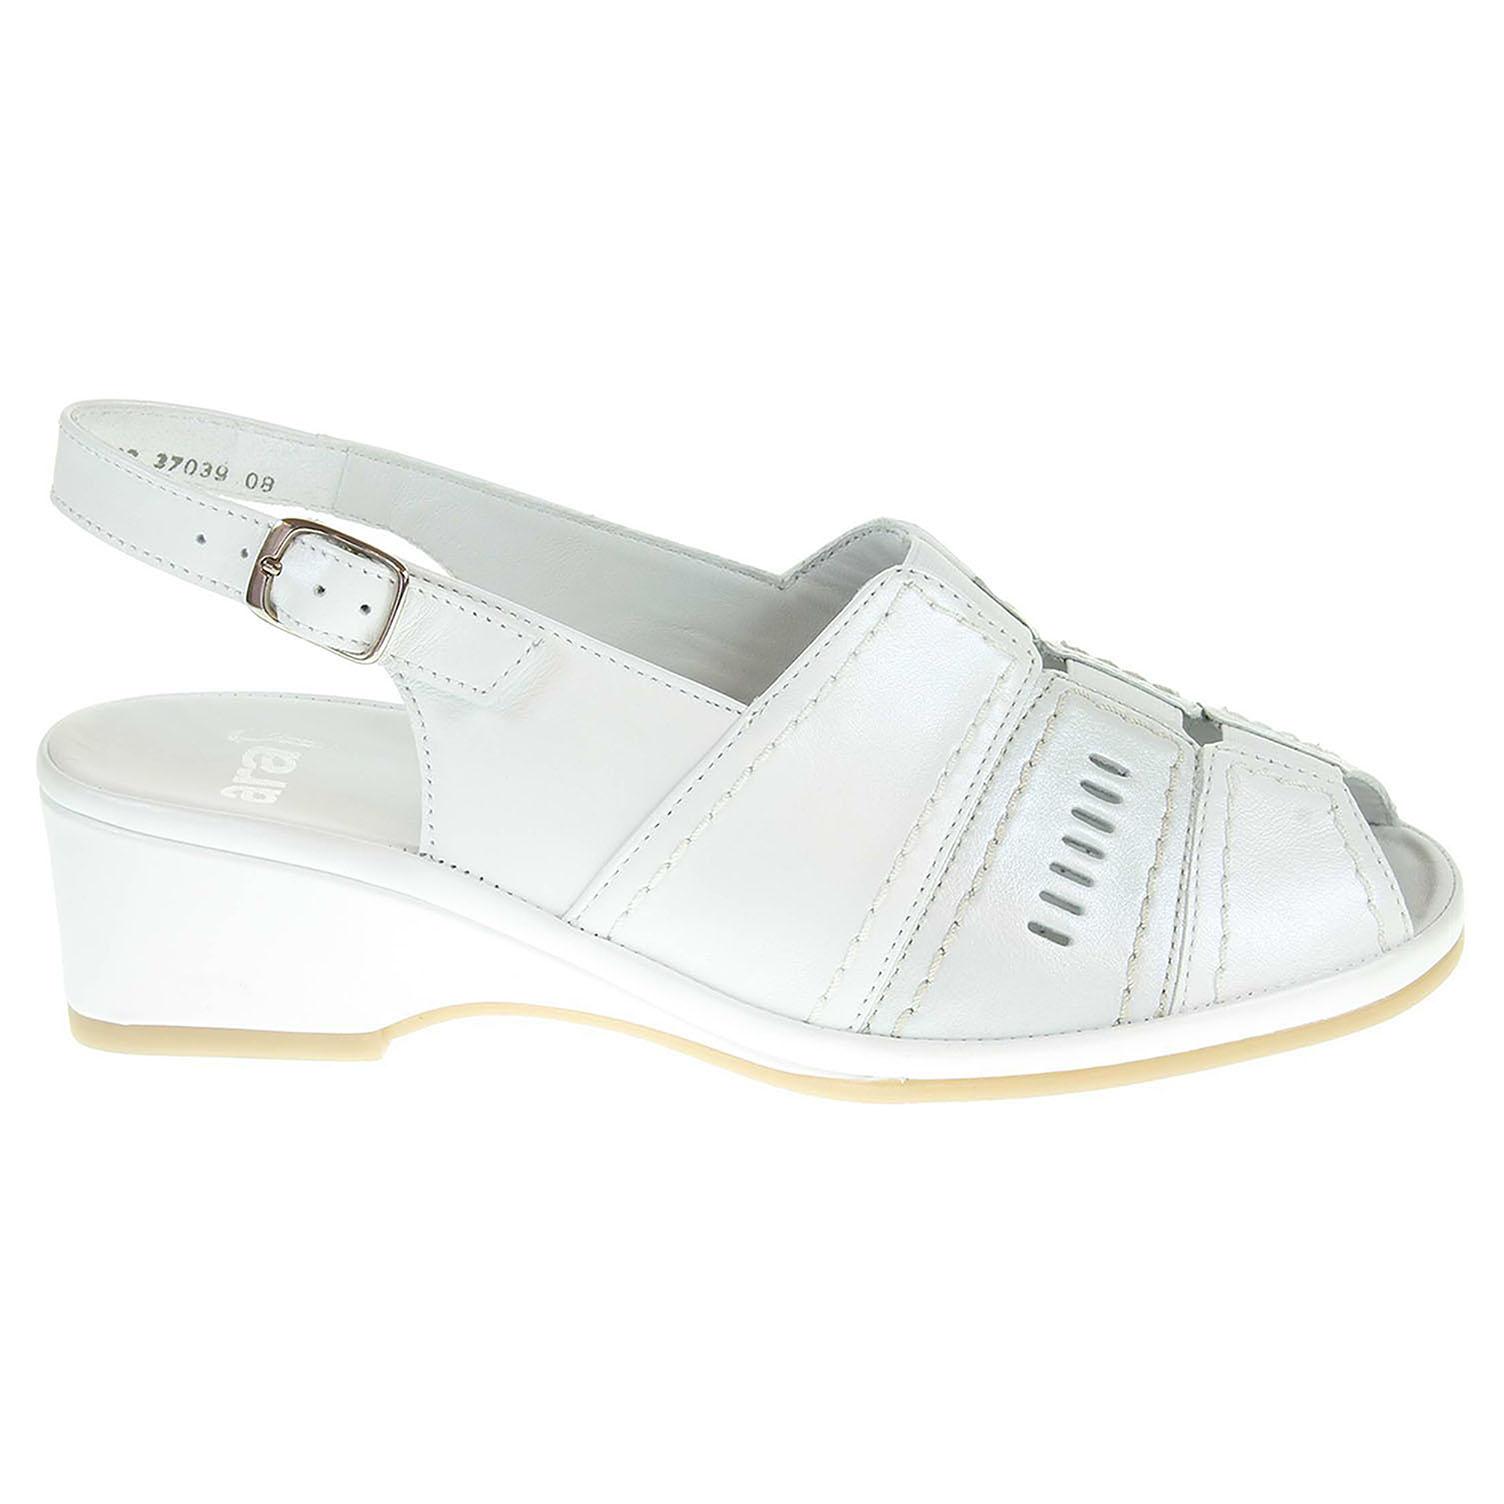 Ara dámské sandály 37039 bílé 37